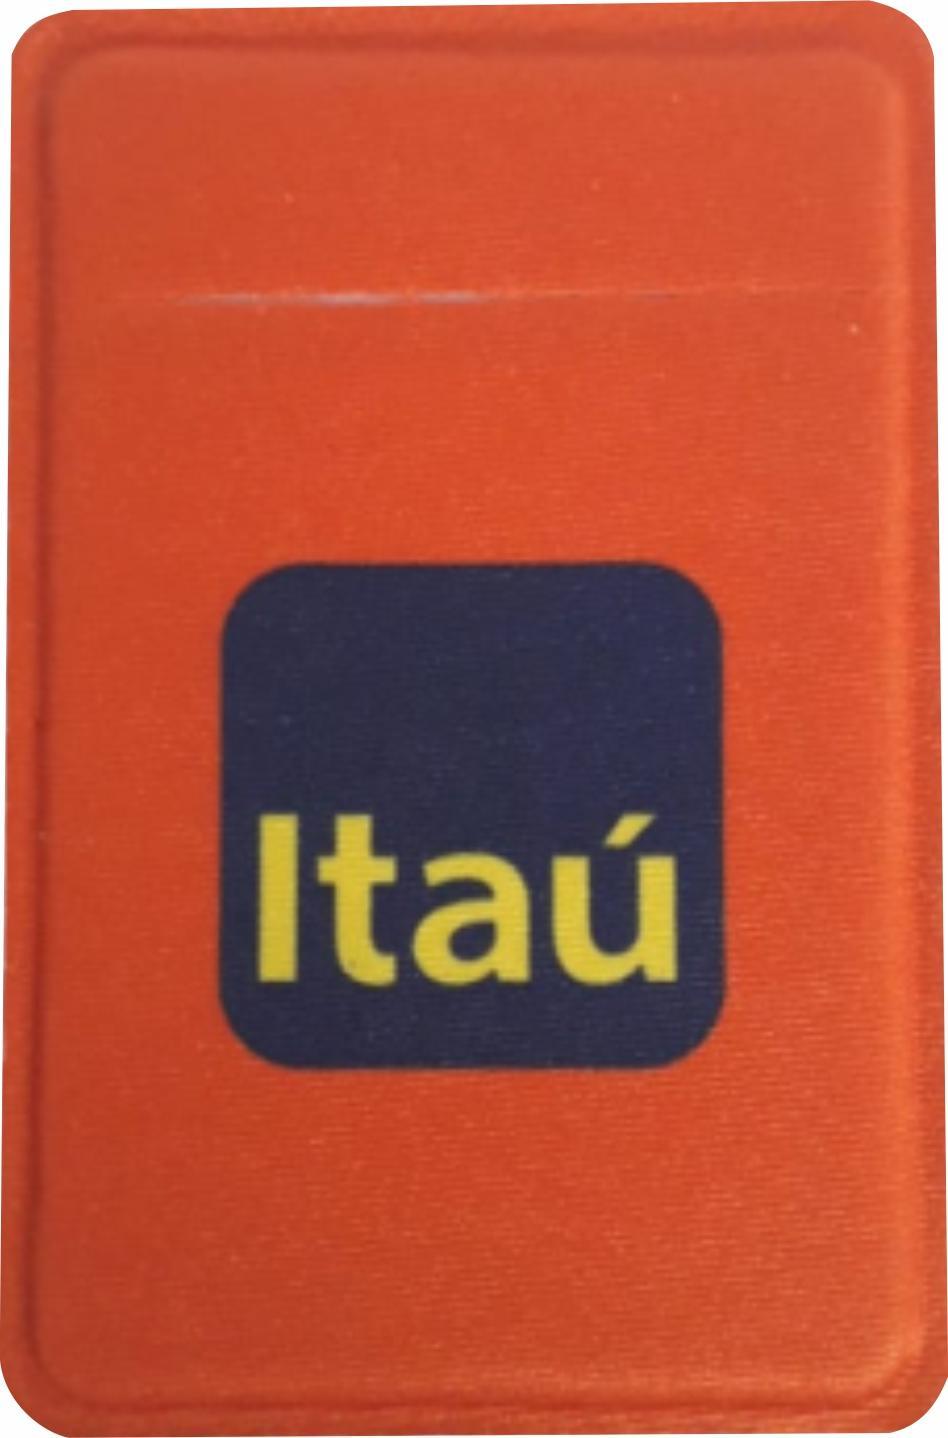 R$4,00 - Porta Cartão Para Celular Em Lycra Estilo Nubank Personalizado com Adesivo  - 4